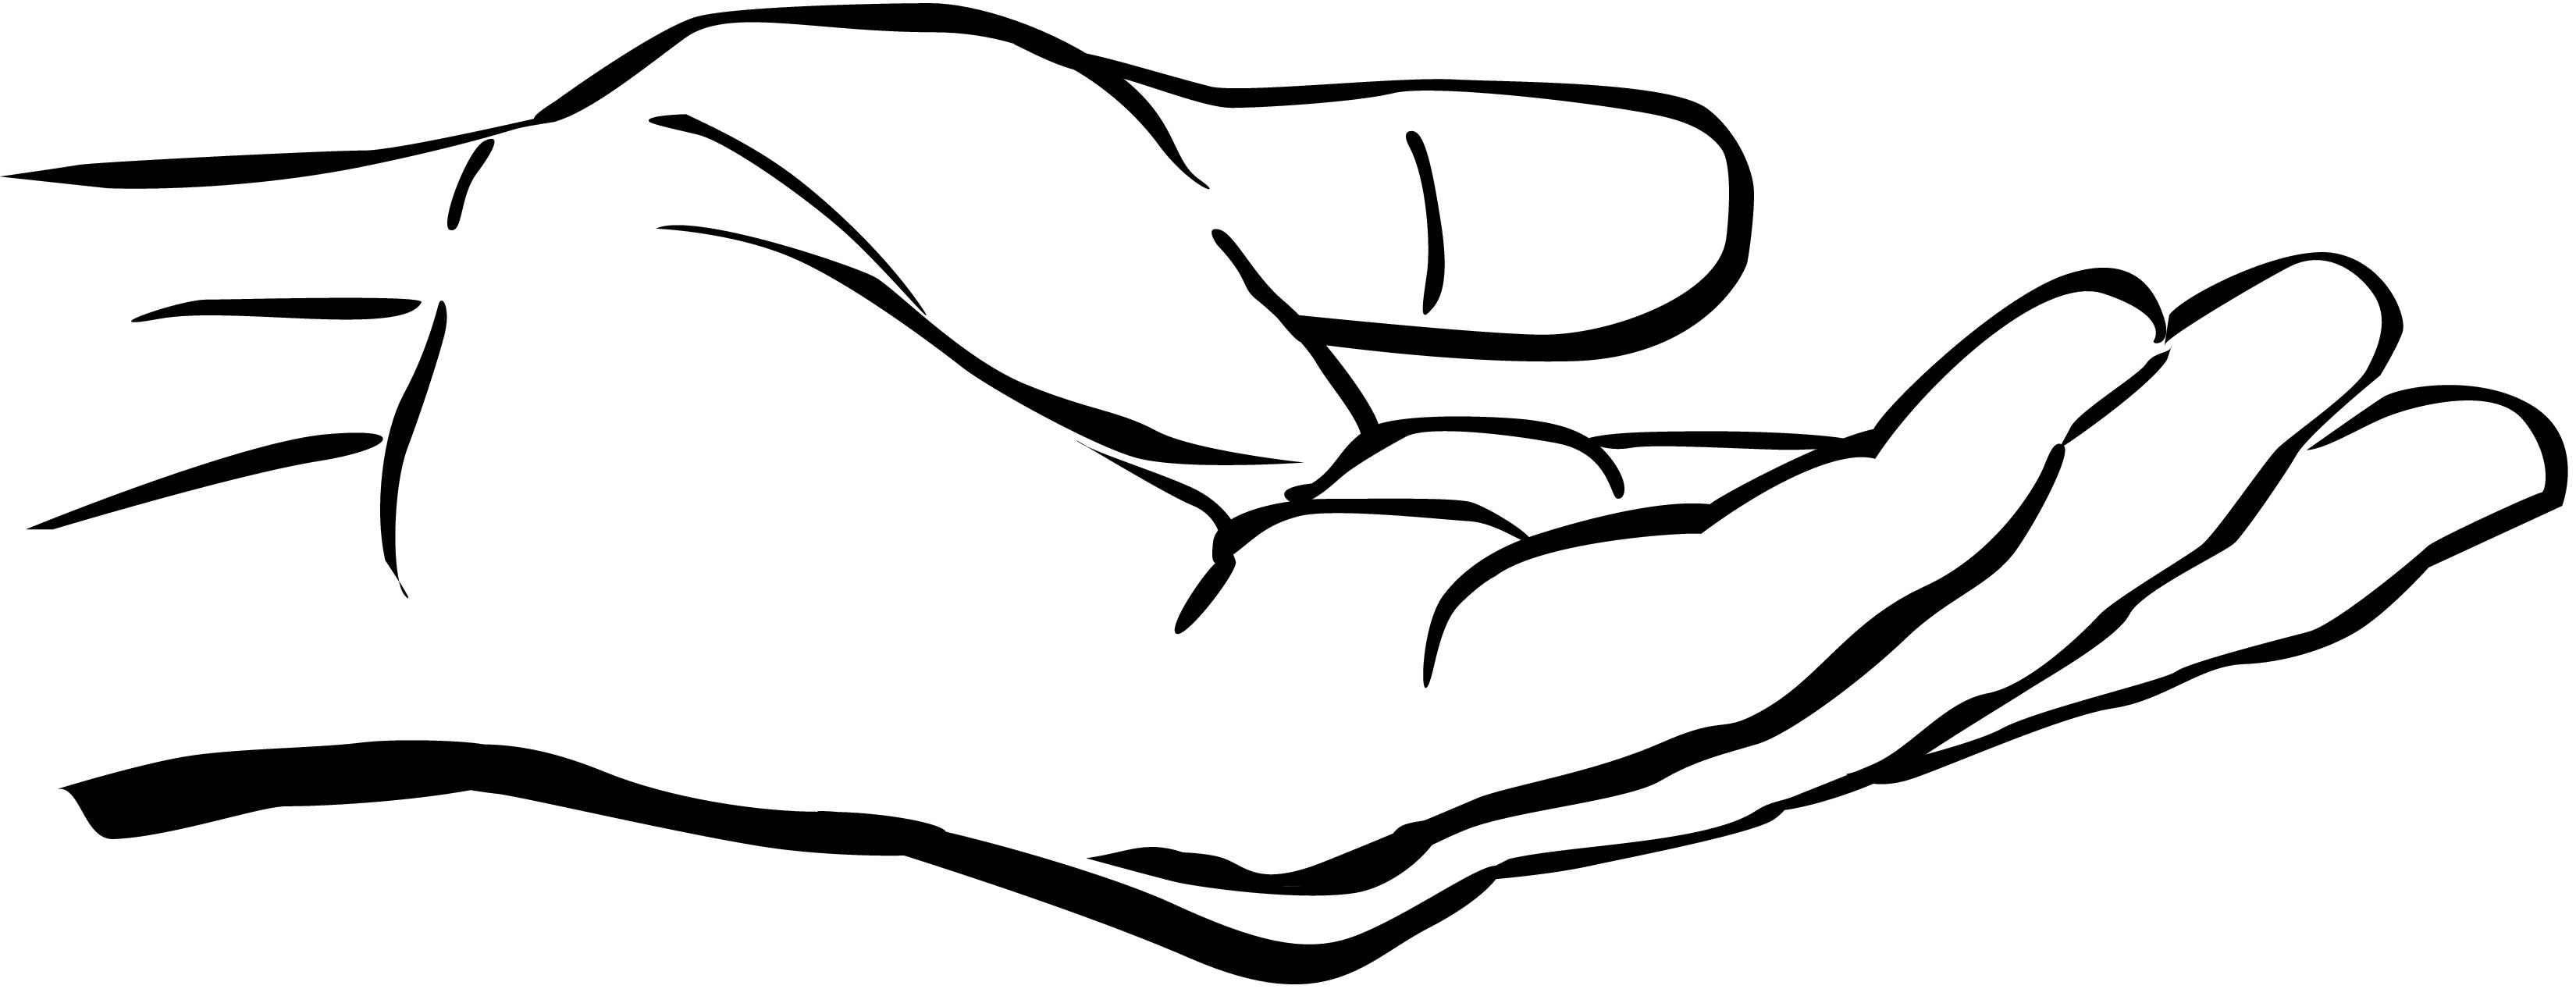 Open Hands Clipart-Open Hands Clipart-10